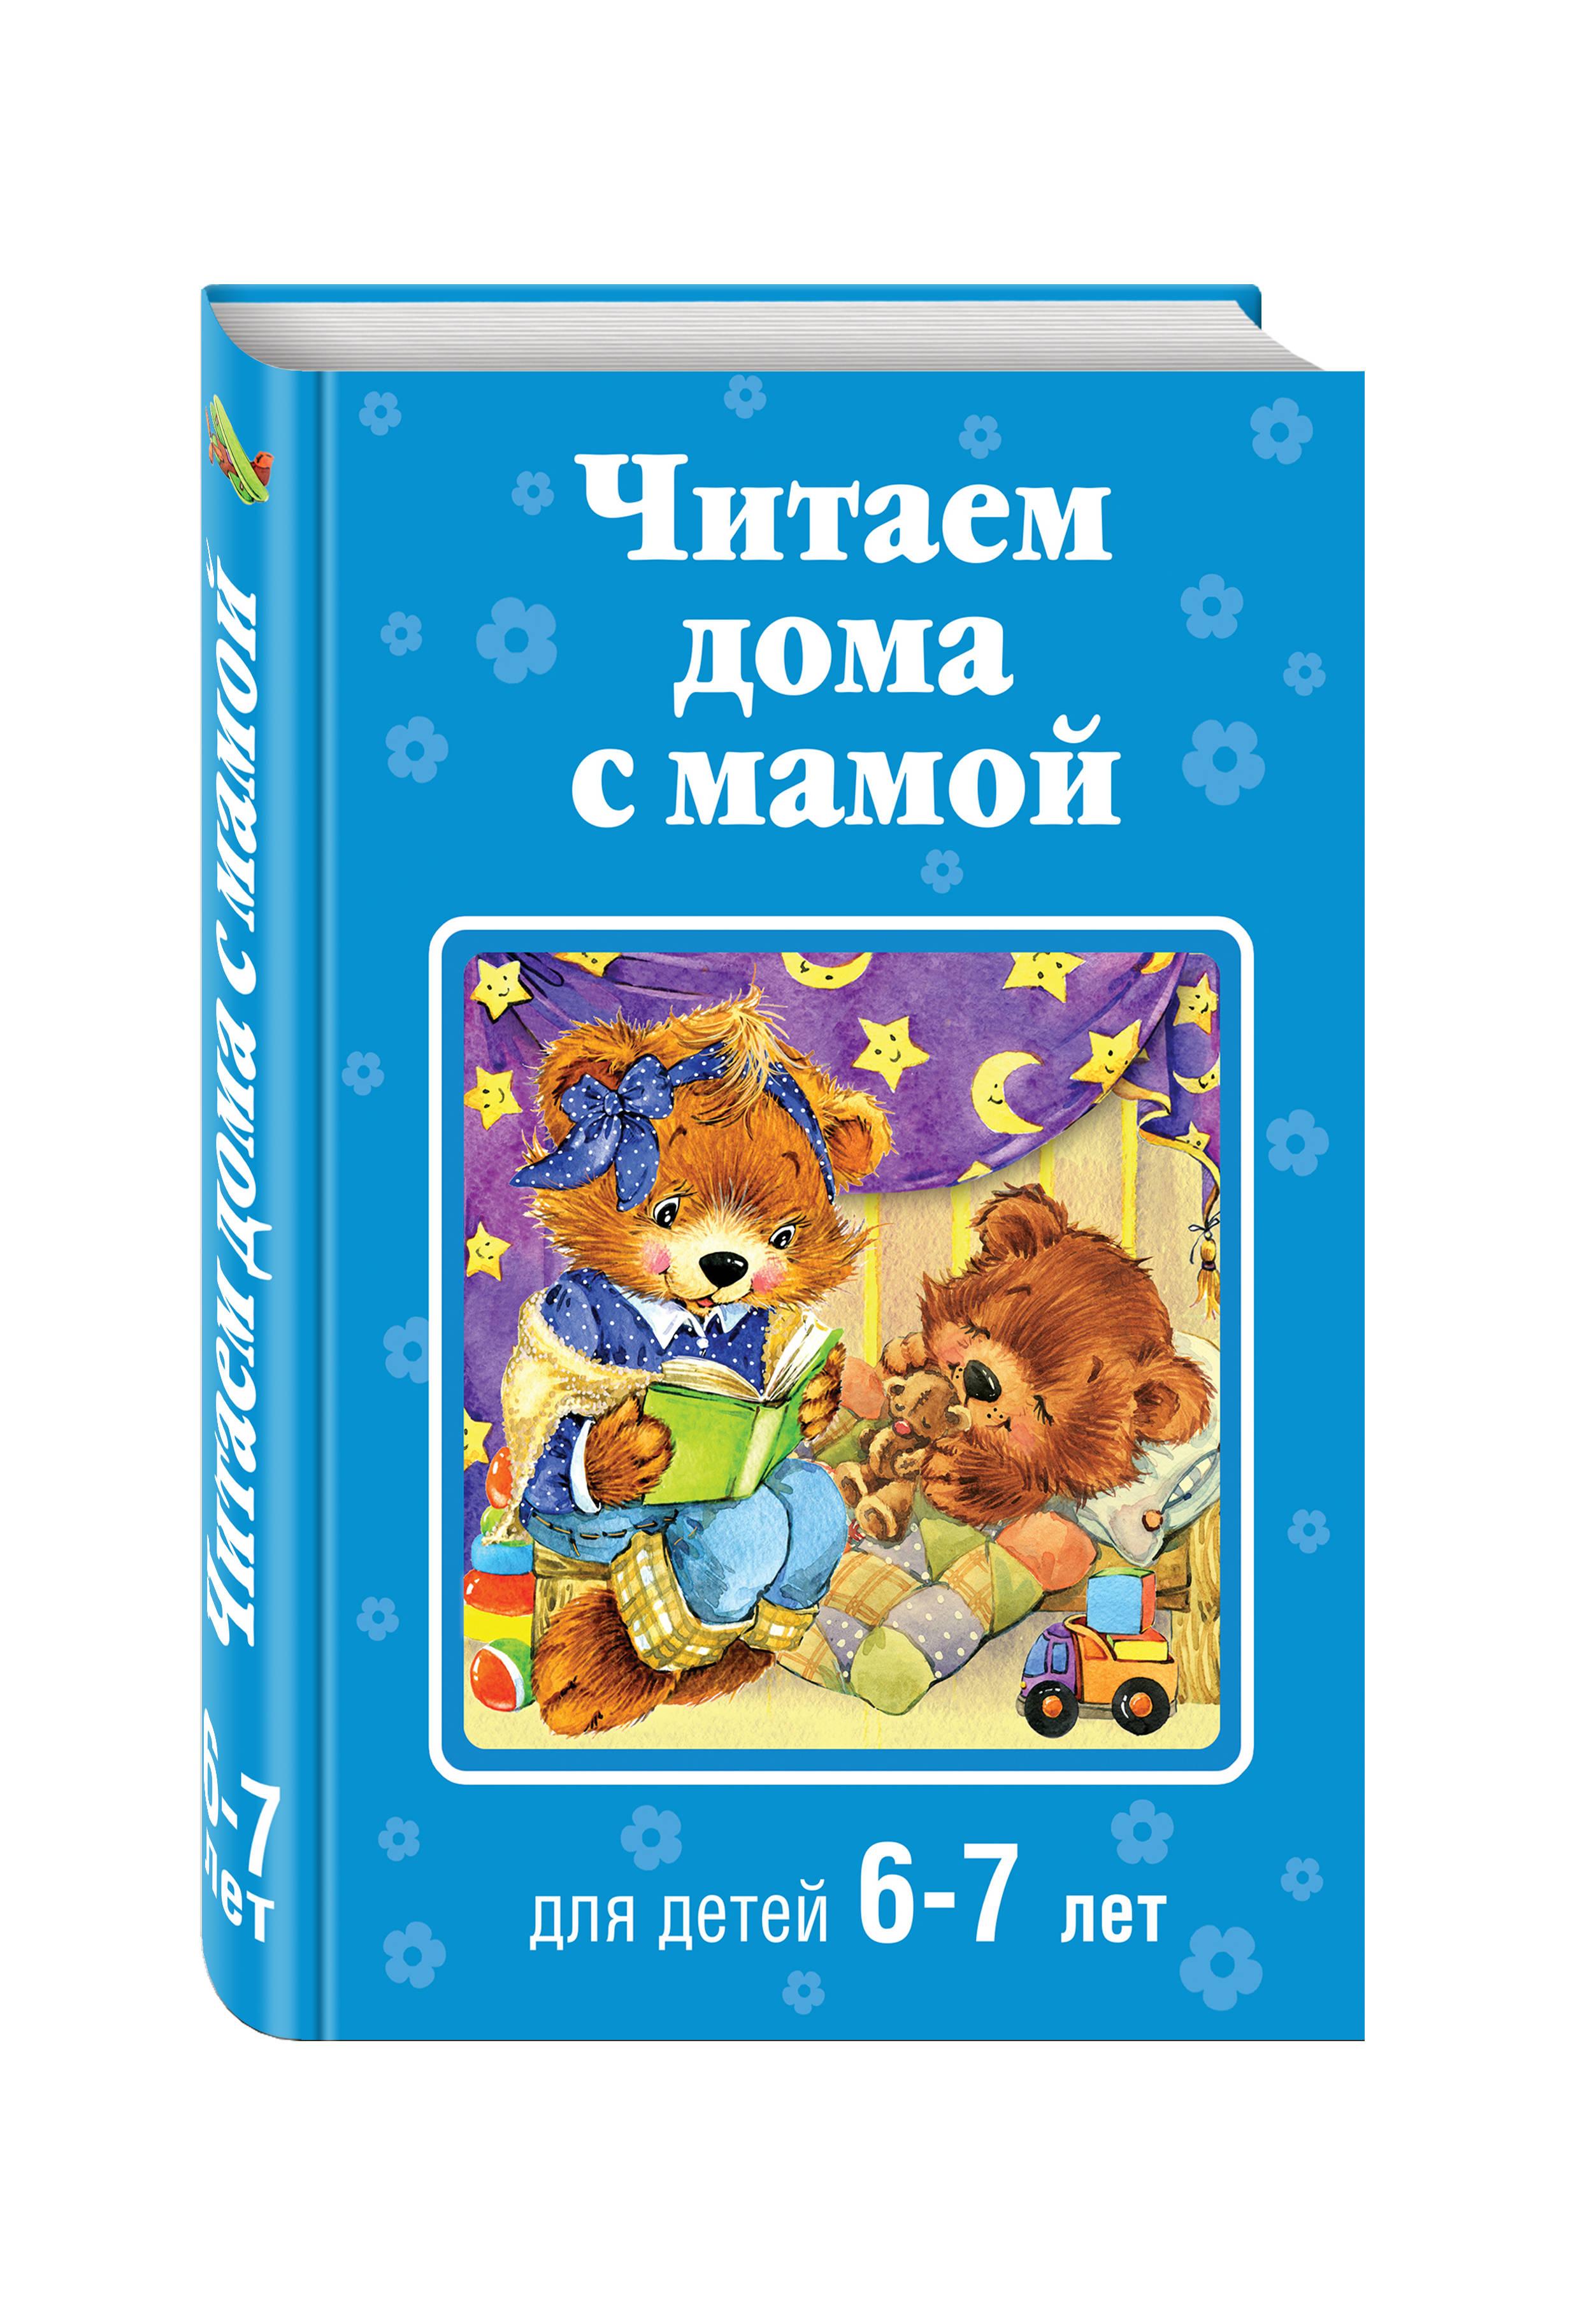 Яснов М.Д., Чуковский К.И., Берестов В.Д. Читаем дома с мамой: для детей 6-7 лет